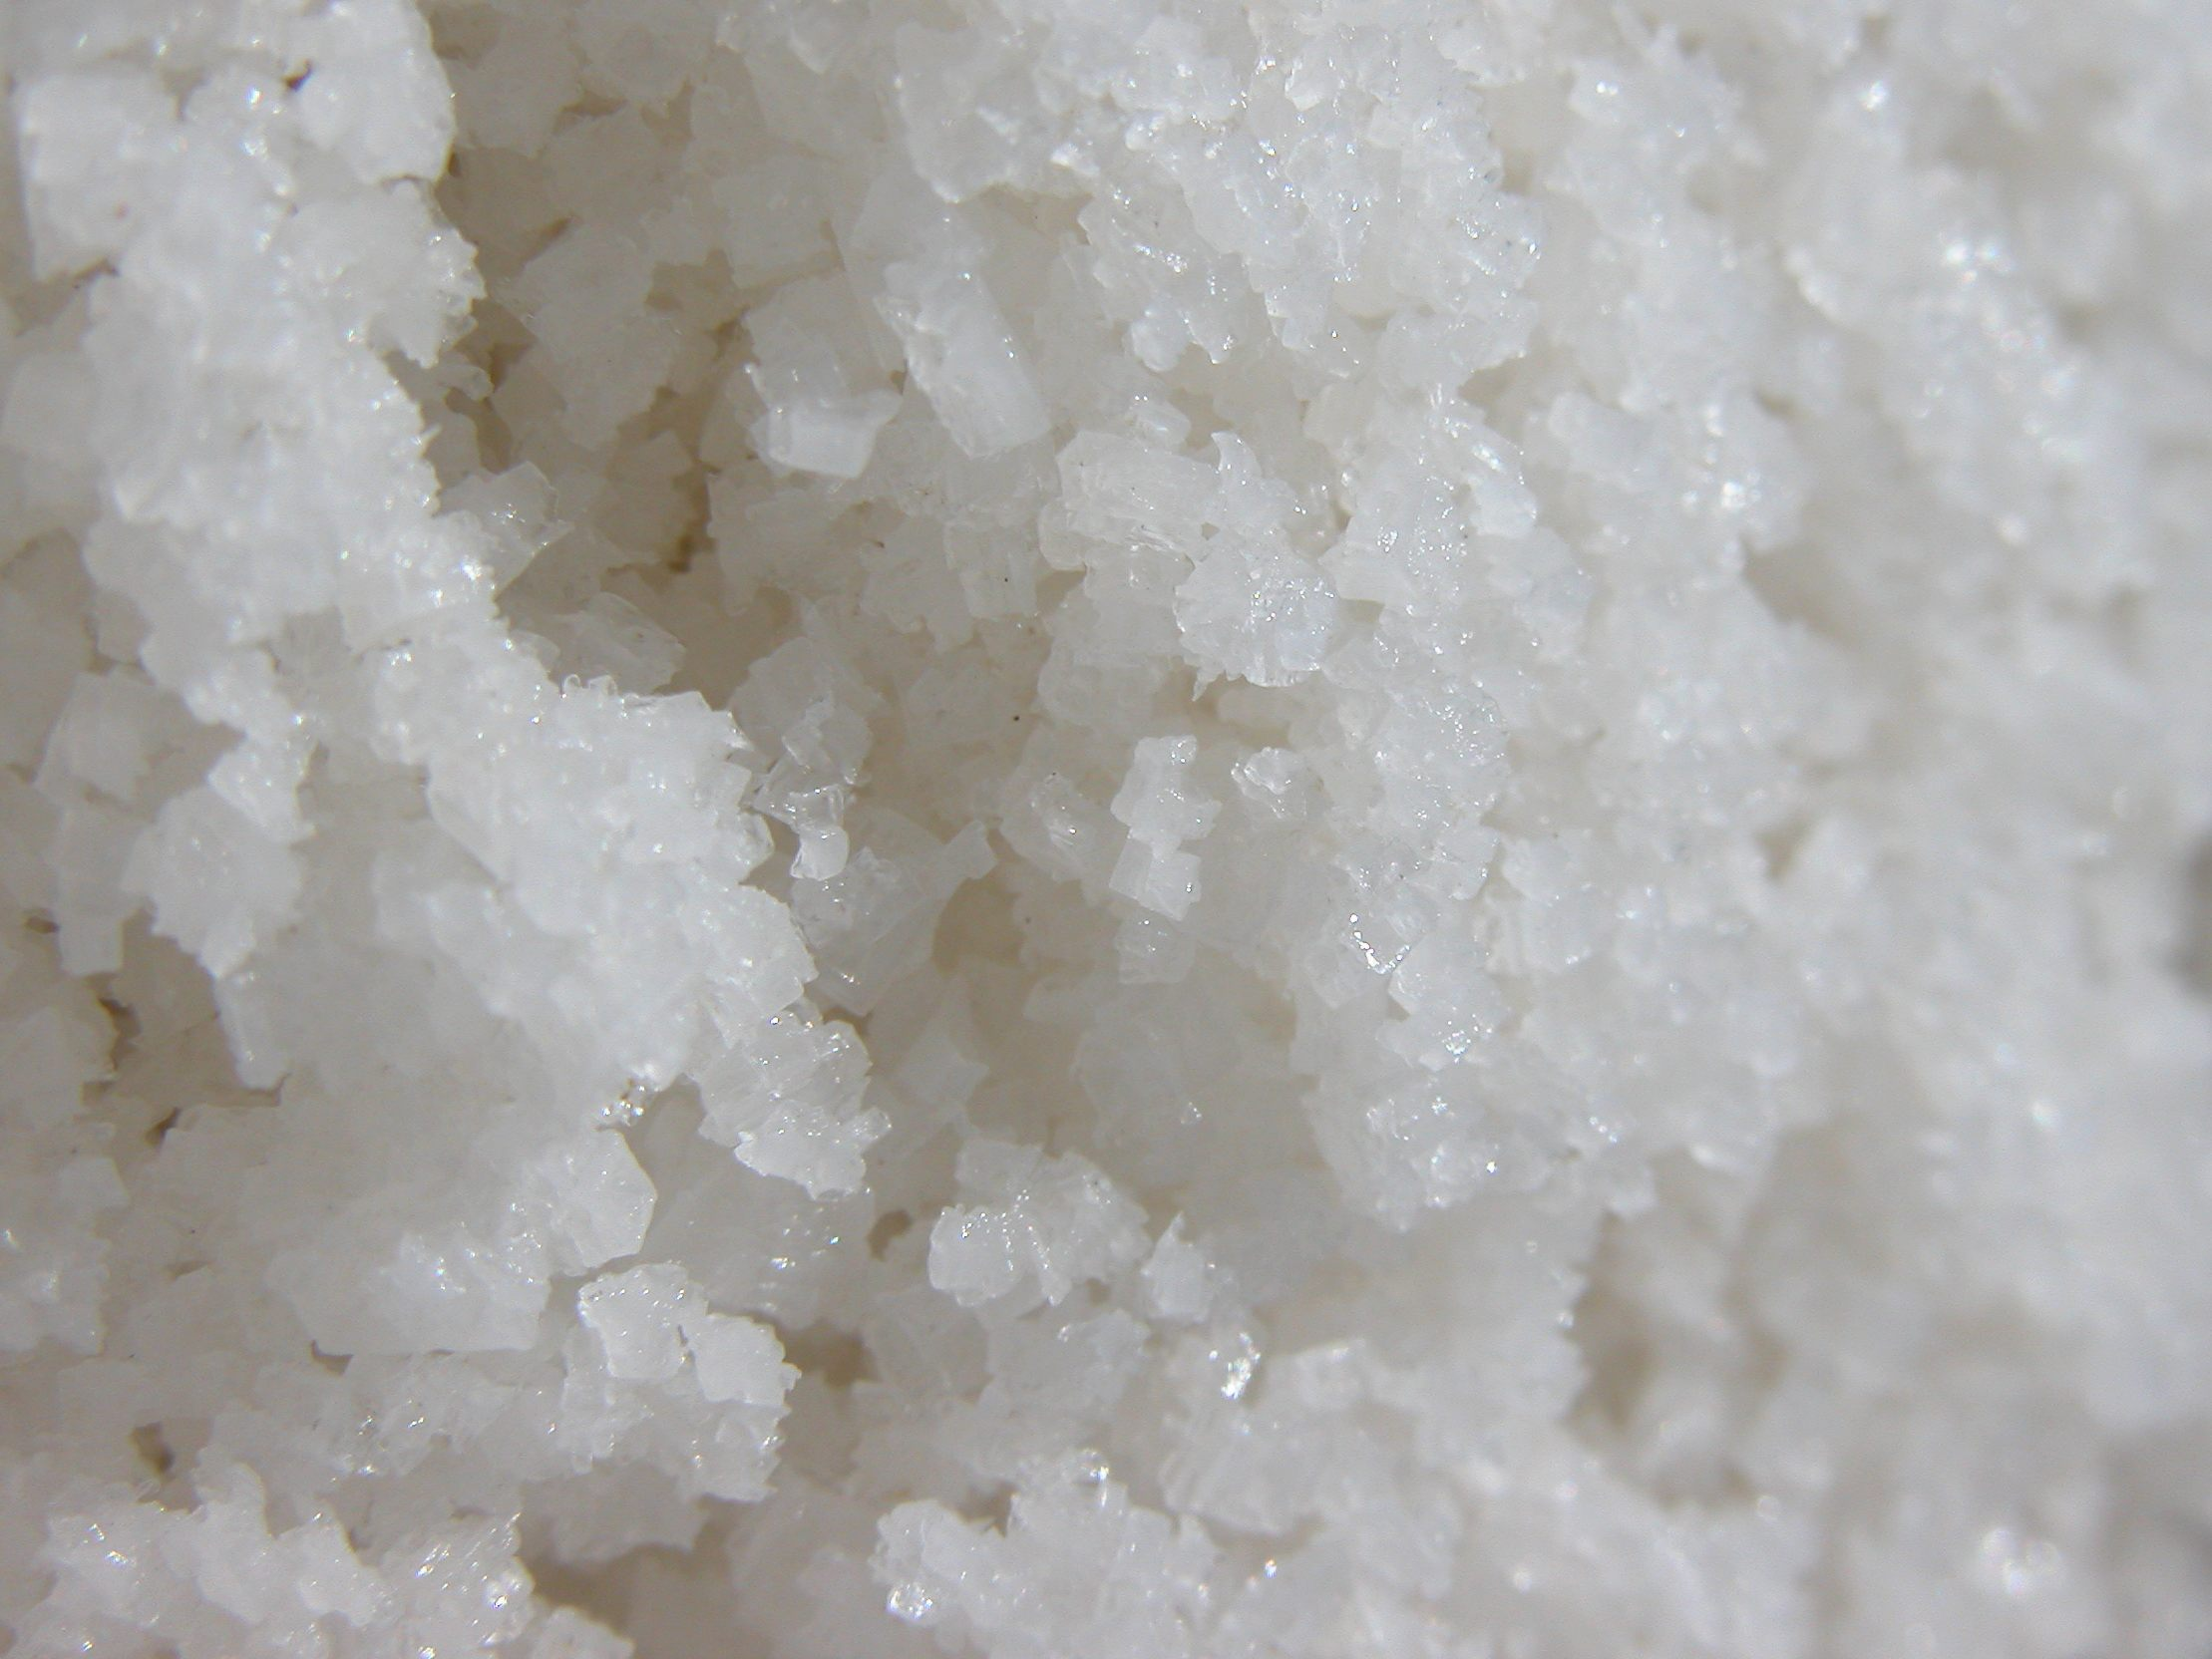 Salt kan användas för att rengöra sunkiga diskhoar.